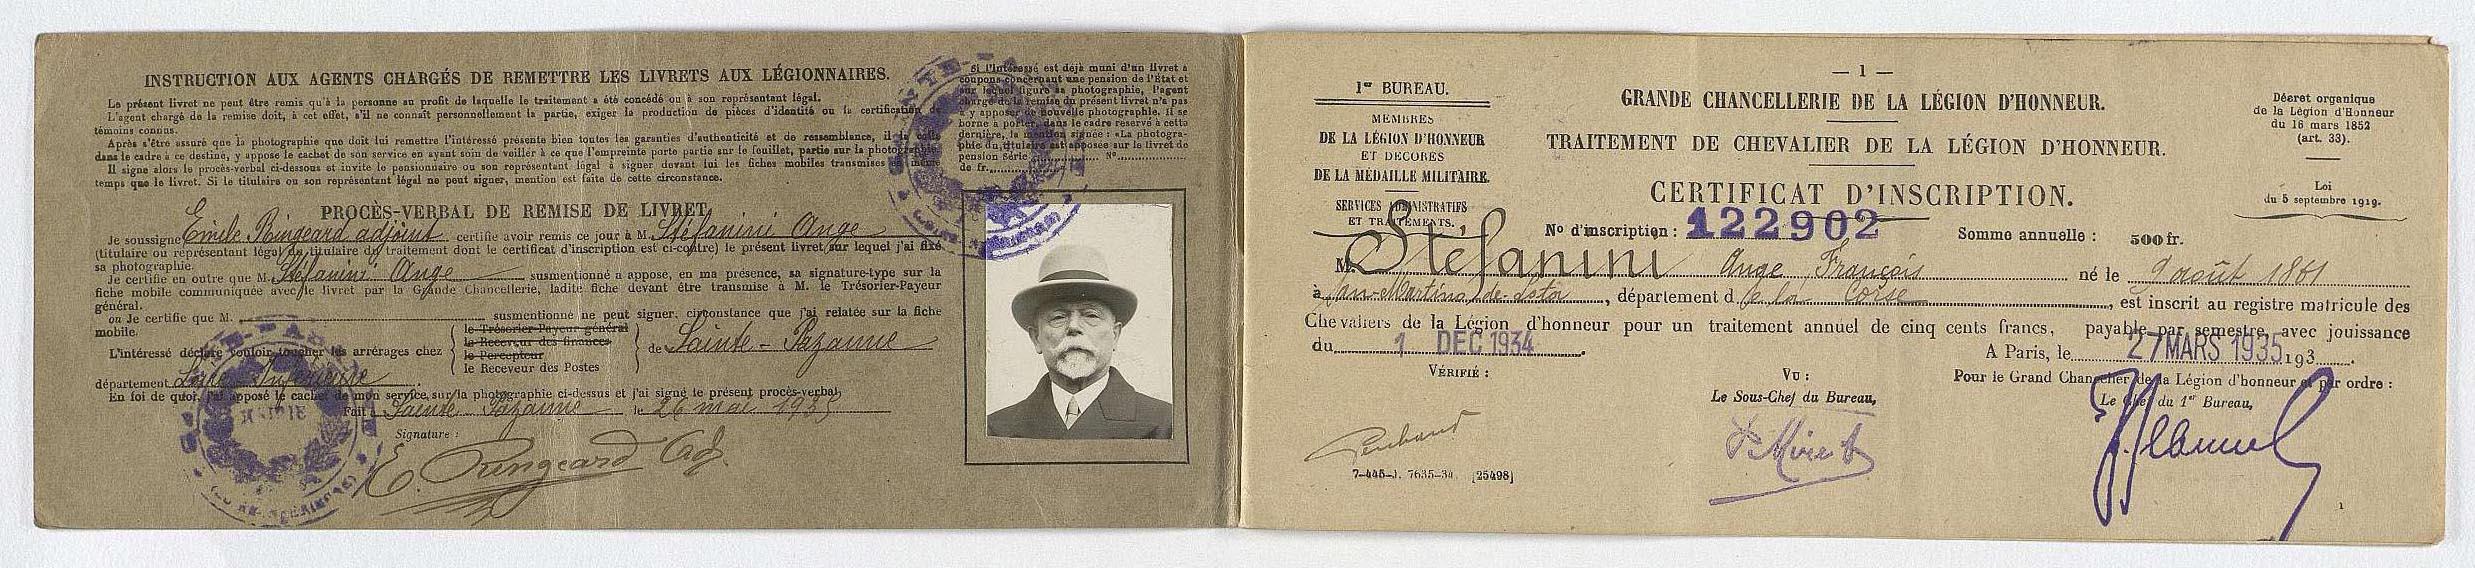 Ma petite collection de plaques d'identités FRDAFAN84_O19800035v0156521_L